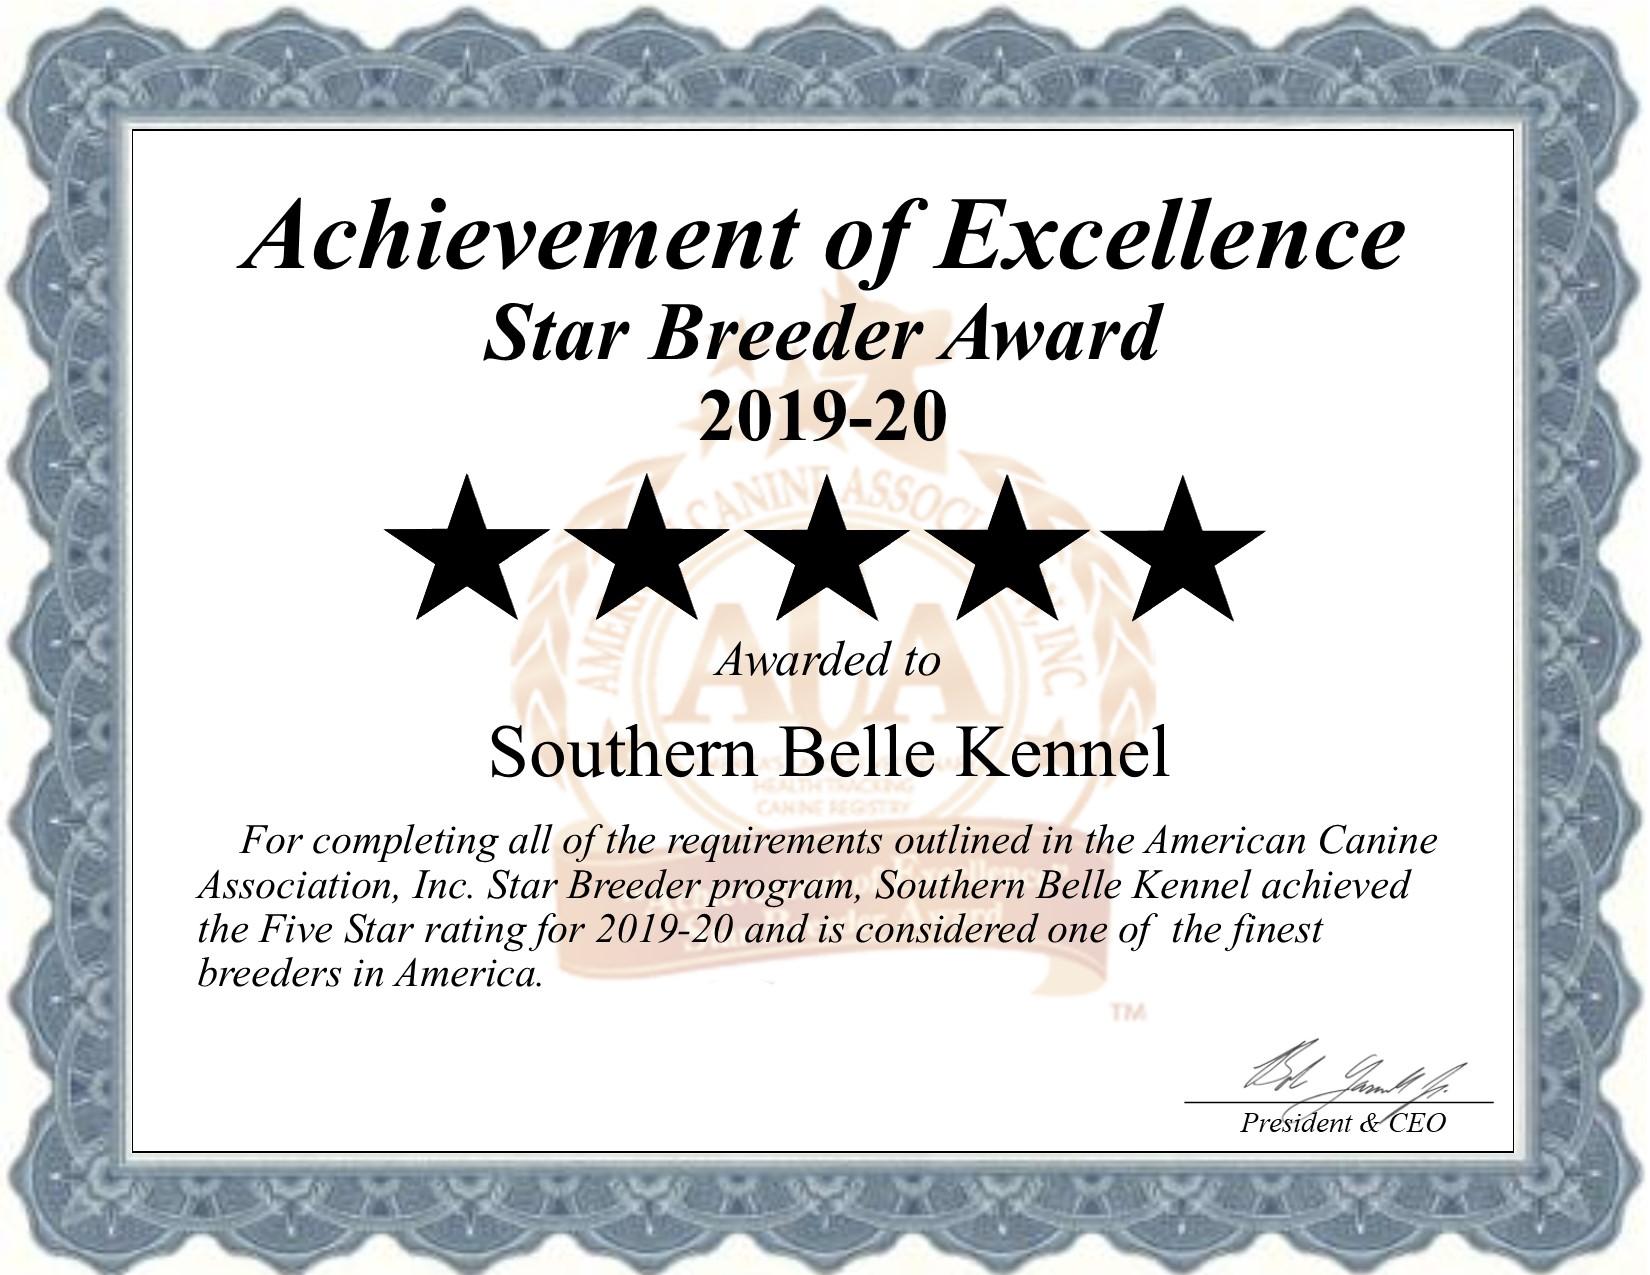 southern, belle, kennel, dog, breeder, star, certificate, southern-belle, belle-kennel, broken, bow, ok, broken-bow, oklahoma, puppy, dog, kennels, mill, puppymill, usda, 5-star, ACA, ICA, registered, show handler, goldendoodles